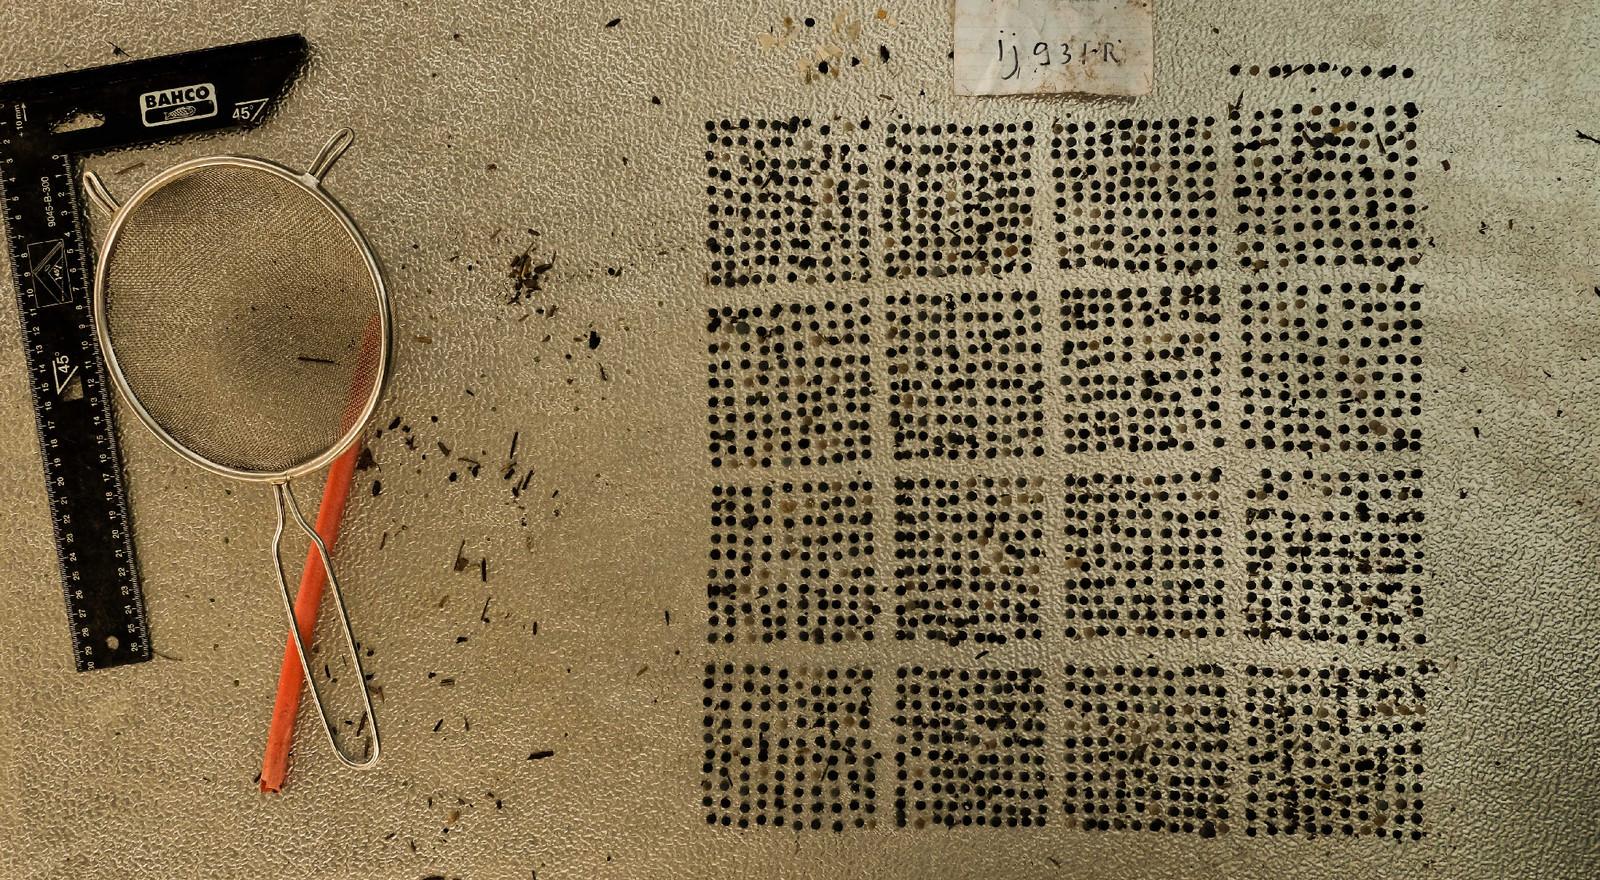 De aangetroffen korrels in een zoekgebied van 50 bij 50 centimeter in de IJssel bij Zutphen.